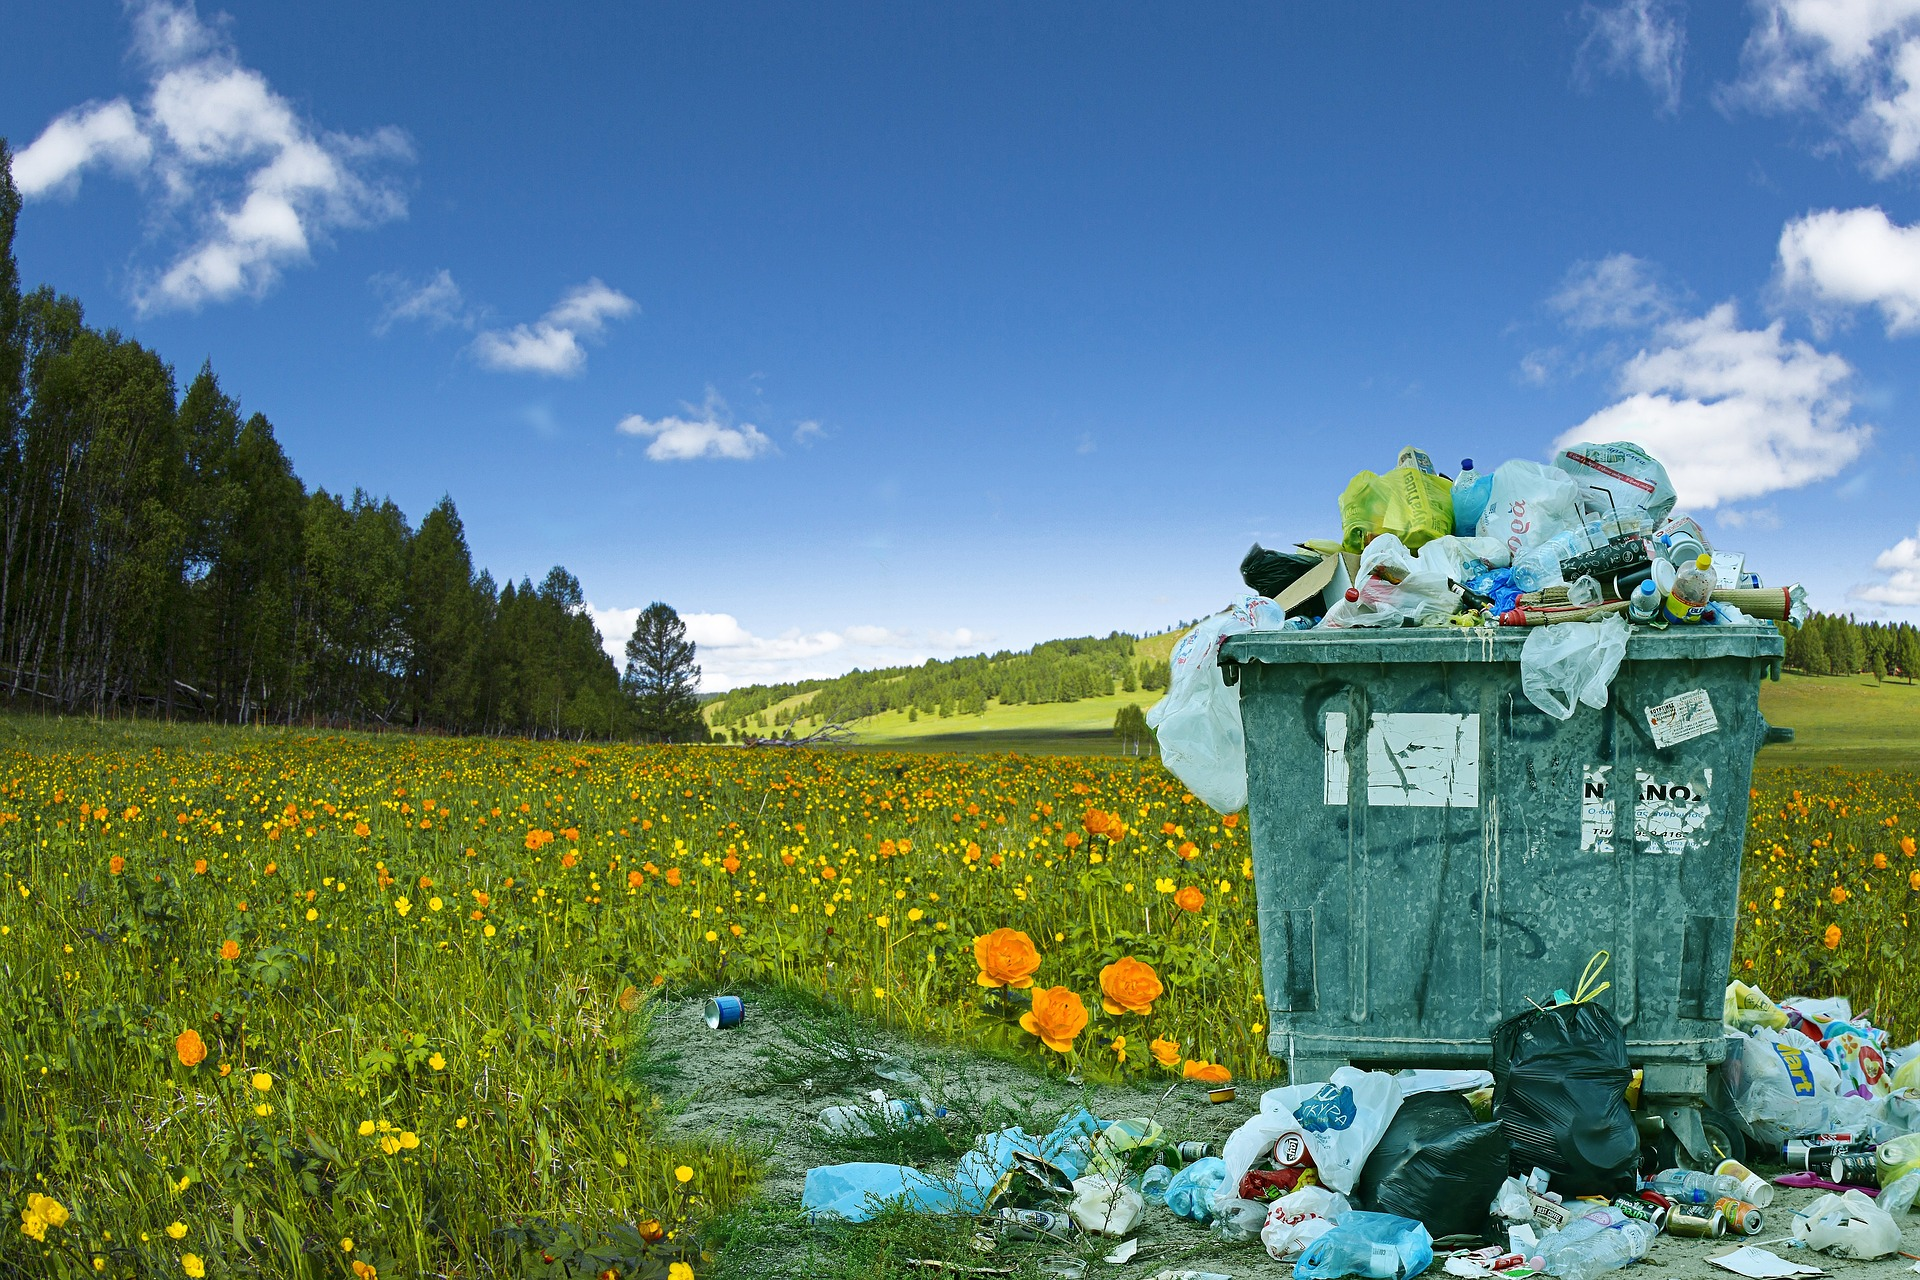 Eko-kom zkoumá, jak dostat z popelnice na směsný odpad to, co do ní nepatří